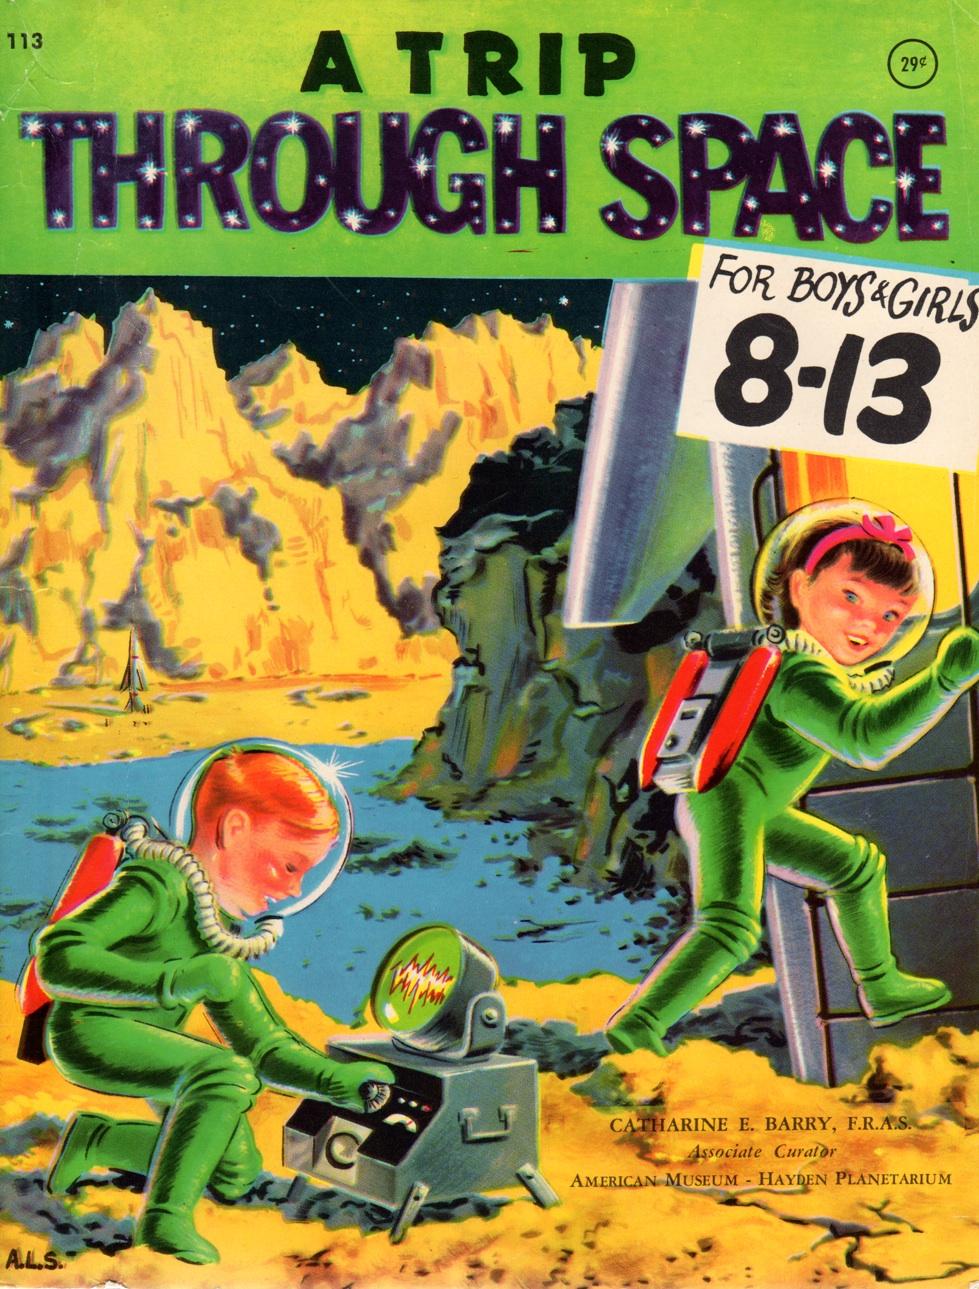 a trip through space.jpg